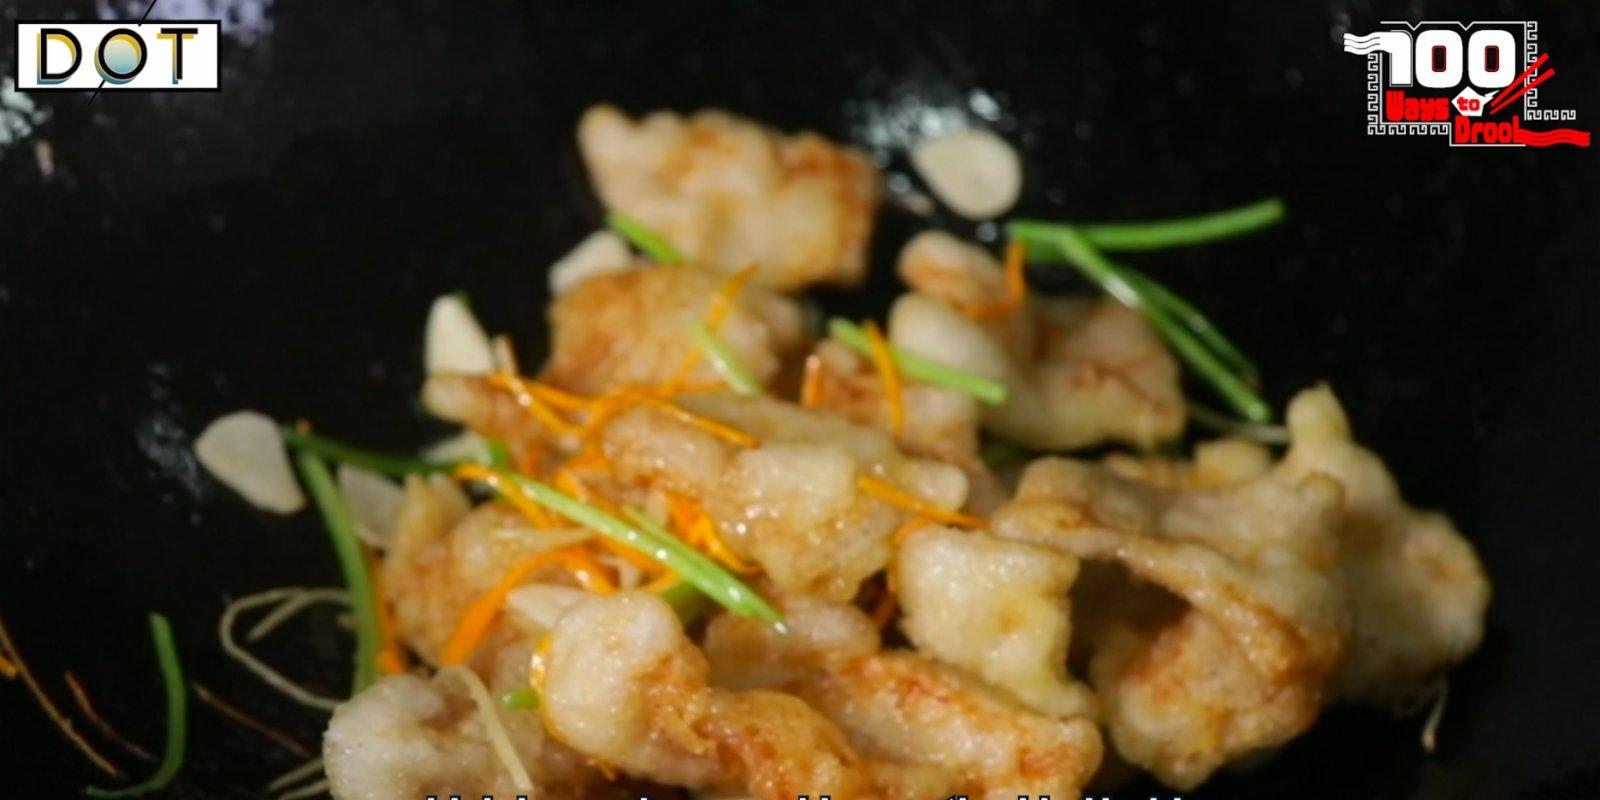 100 Ways To Drool | Exotic taste of Harbin: Fried Pork in Scoop